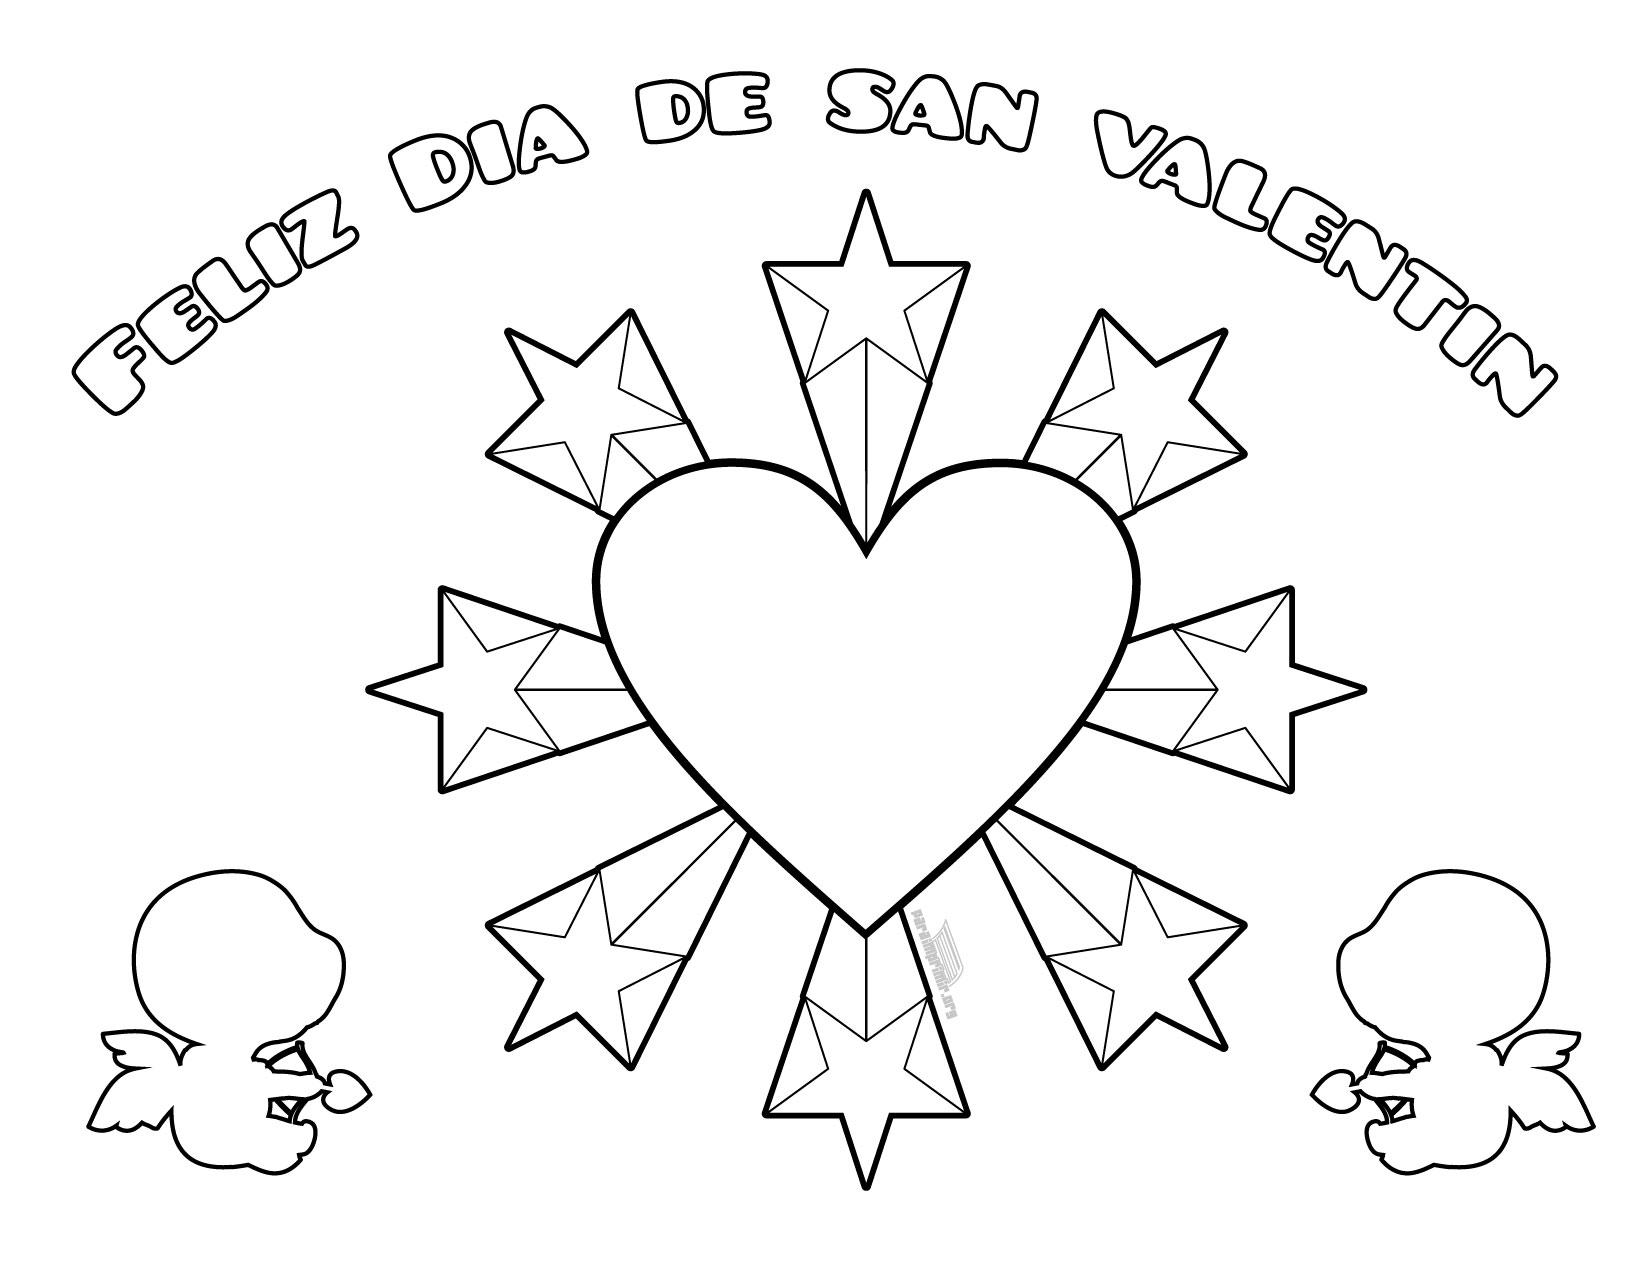 Dibujos De San Valentin Para Colorear E Imprimir